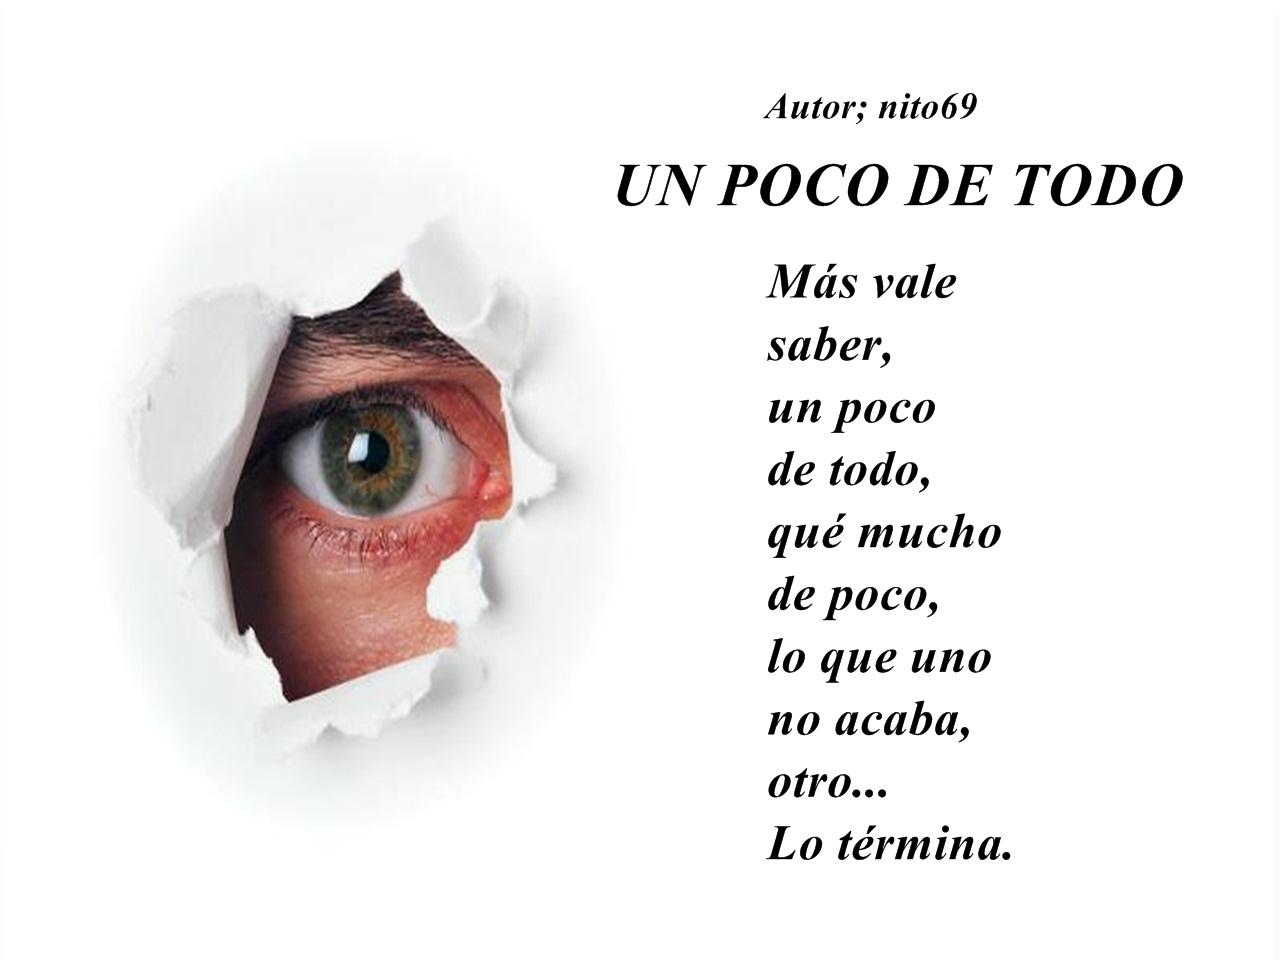 UN POCO DE TODO